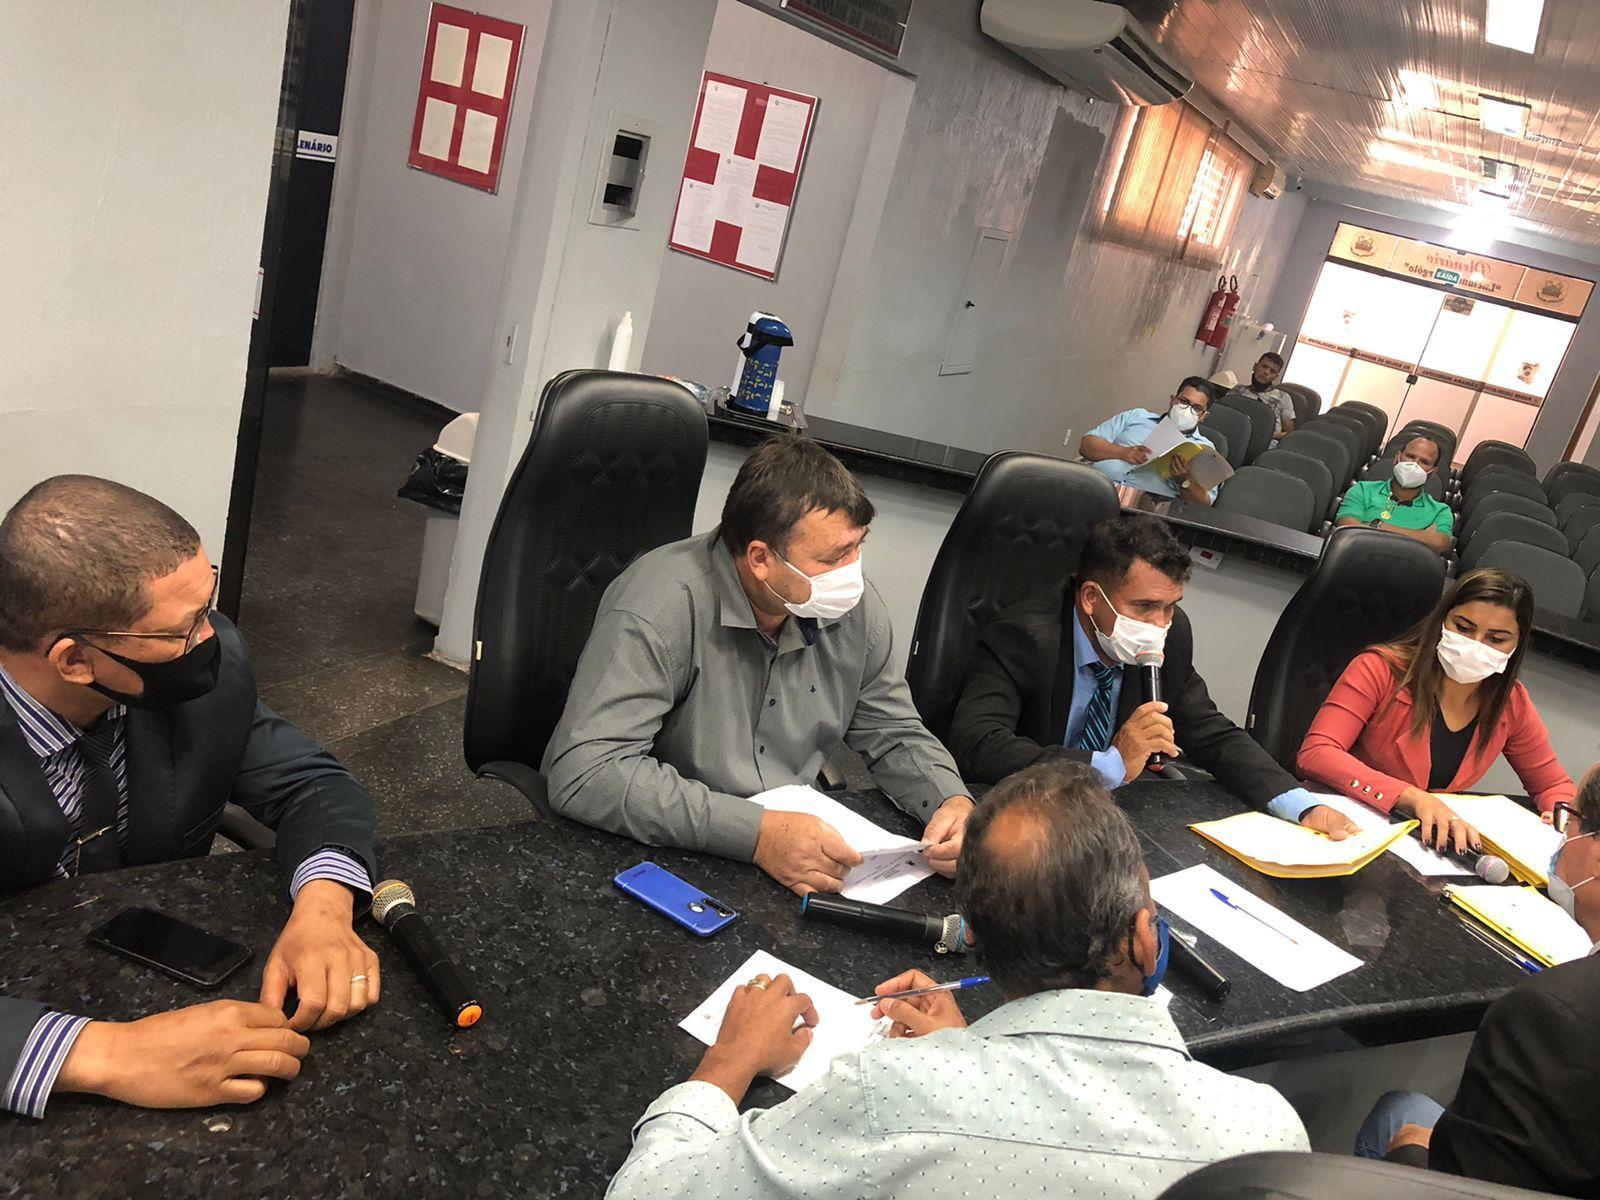 Vereador Cidinei da 200 comunica aprovação de orçamento para aquisição de tubos corrugados para instalação na linha 200